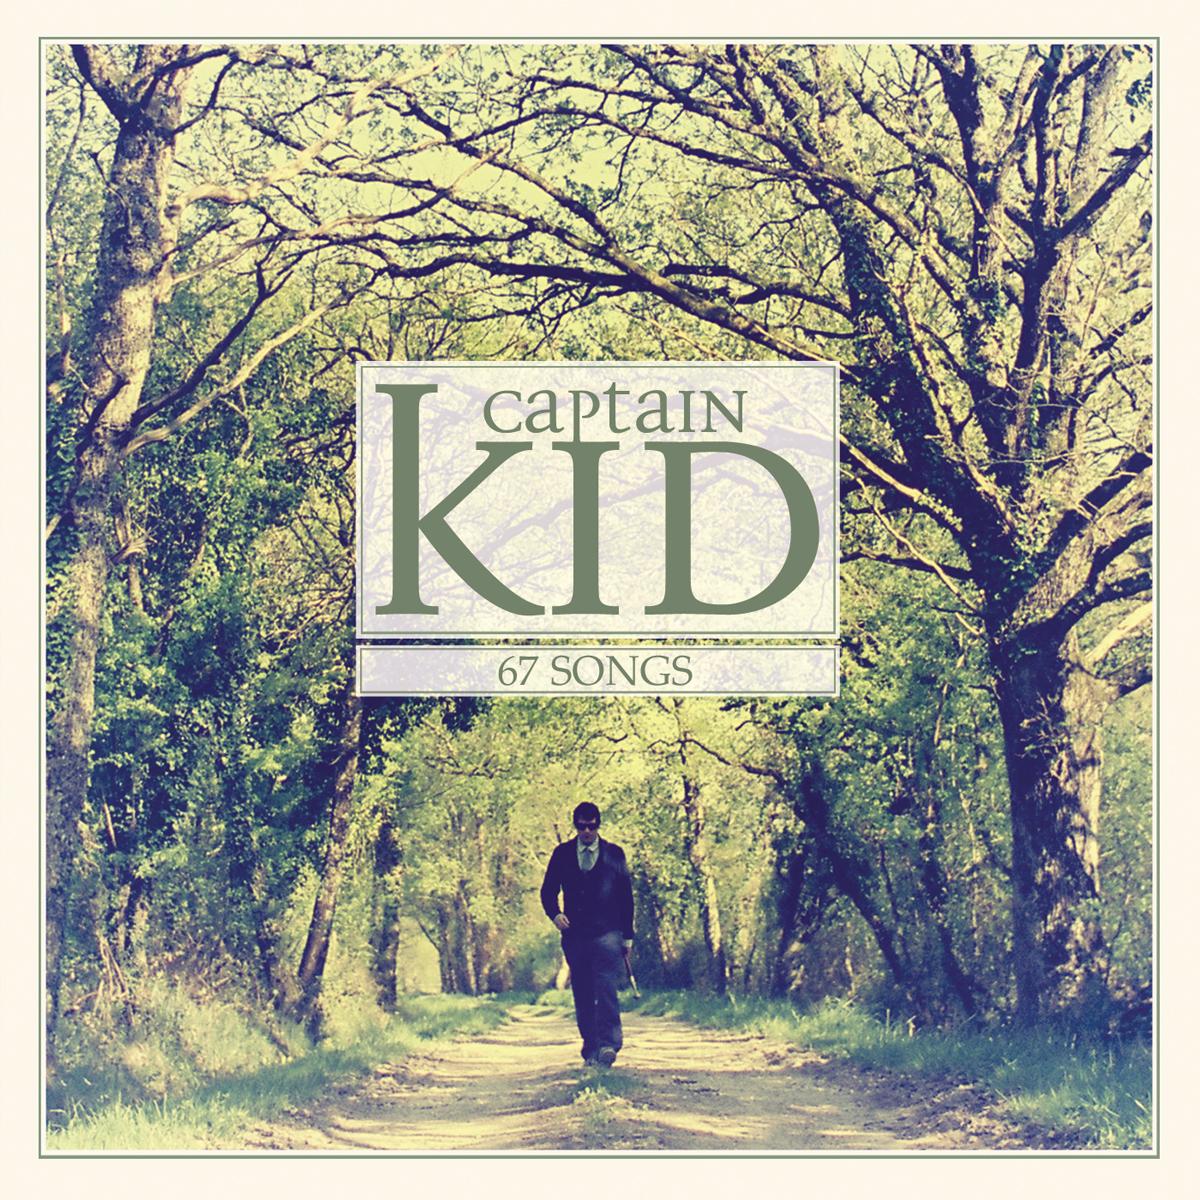 http://3.bp.blogspot.com/-2rUgiyU10fY/UOIhu_FE3LI/AAAAAAAAF2I/rPQBTBoMa1Q/s1600/Captain+Kid+-+67+Songs+(2012).jpg